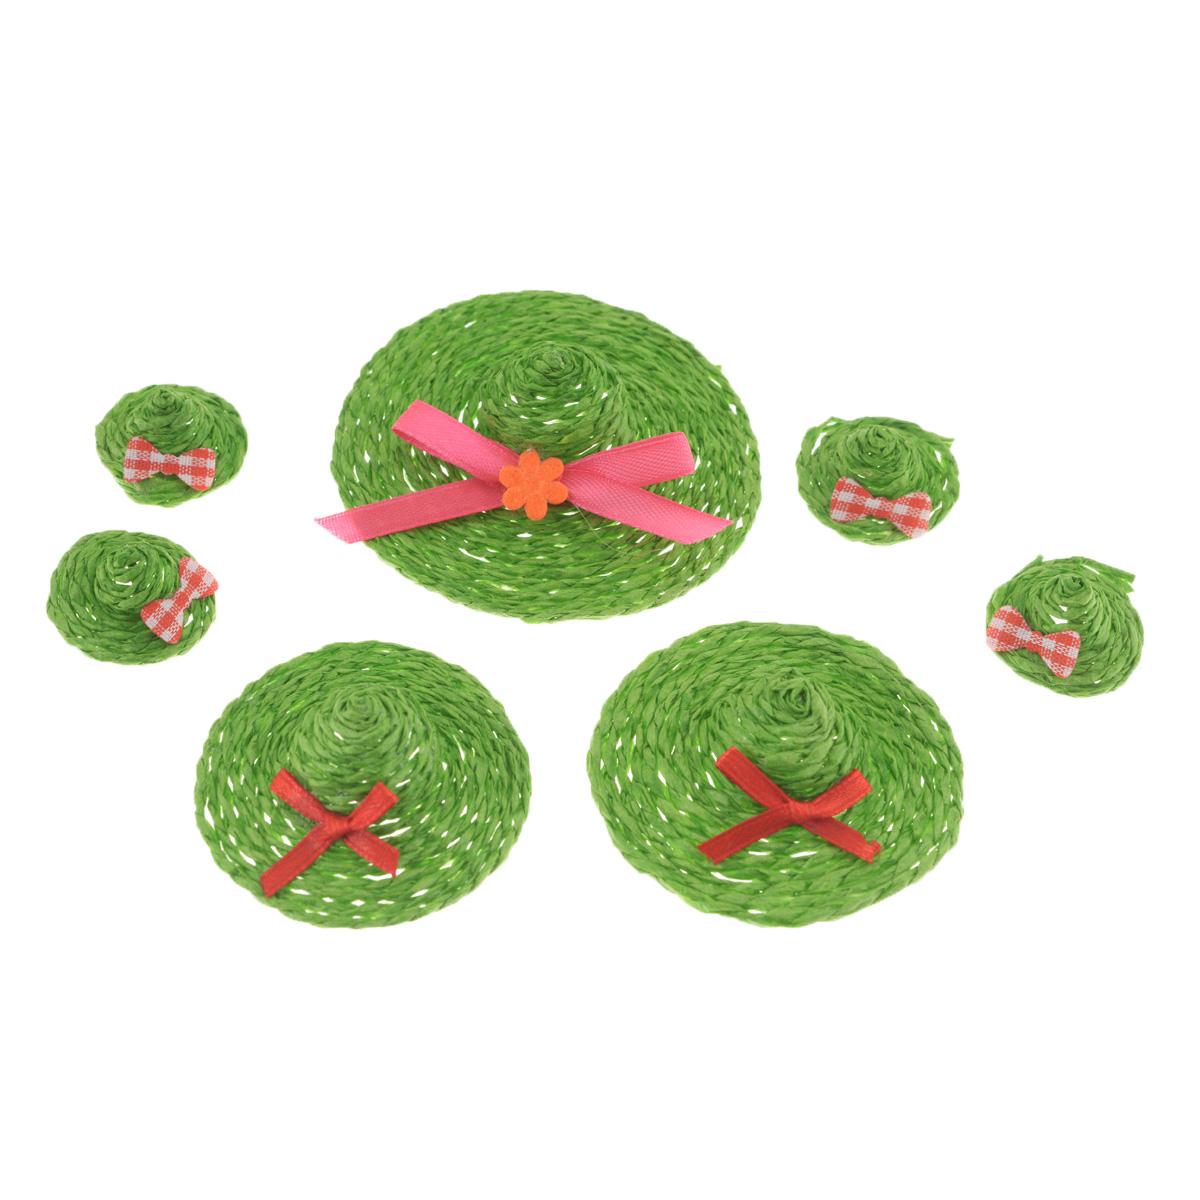 Набор декоративных украшений Home Queen Шляпки, на клейкой основе, цвет: зеленый, 7 шт66856_3Набор Home Queen Шляпки состоит из 7 декоративных элементов и предназначен для украшения яиц, посуды, стекла, керамики, металла, цветочных горшков, ваз и других предметов интерьера. Украшения изготовлены из полиэстера и бумаги в виде шляпок разного размера и фиксируются при помощи специальной клейкой основы. Такой набор украшений создаст атмосферу праздника в вашем доме. Размер большой фигурки: 7 см х 7 см х 2 см.Размер средней фигурки: 4,5 см х 4,5 см х 1,7 см.Размер маленькой фигурки: 2,5 см х 2,5 см х 1,5 см.